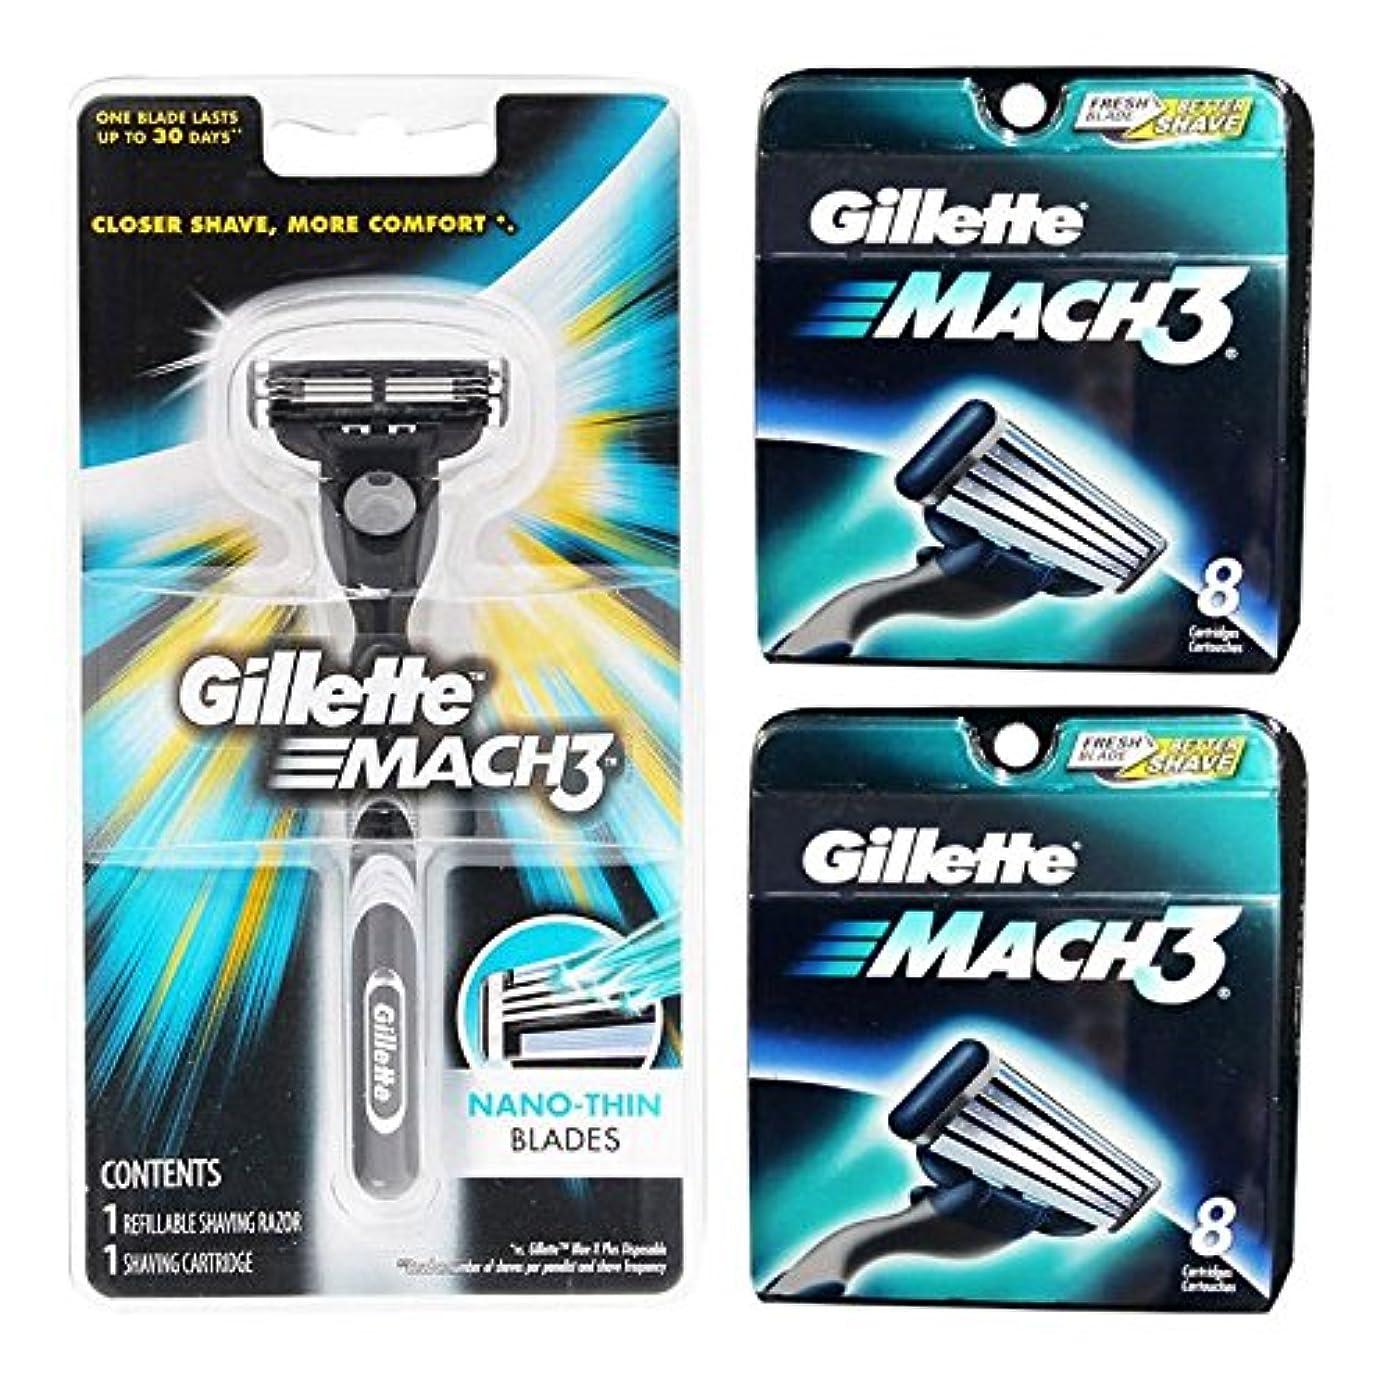 メロディアス予測する悪意Gillette MACH3 1 Razor + 16 Cartridges Refills Blade ダイヤモンドのようなコートド [並行輸入品]